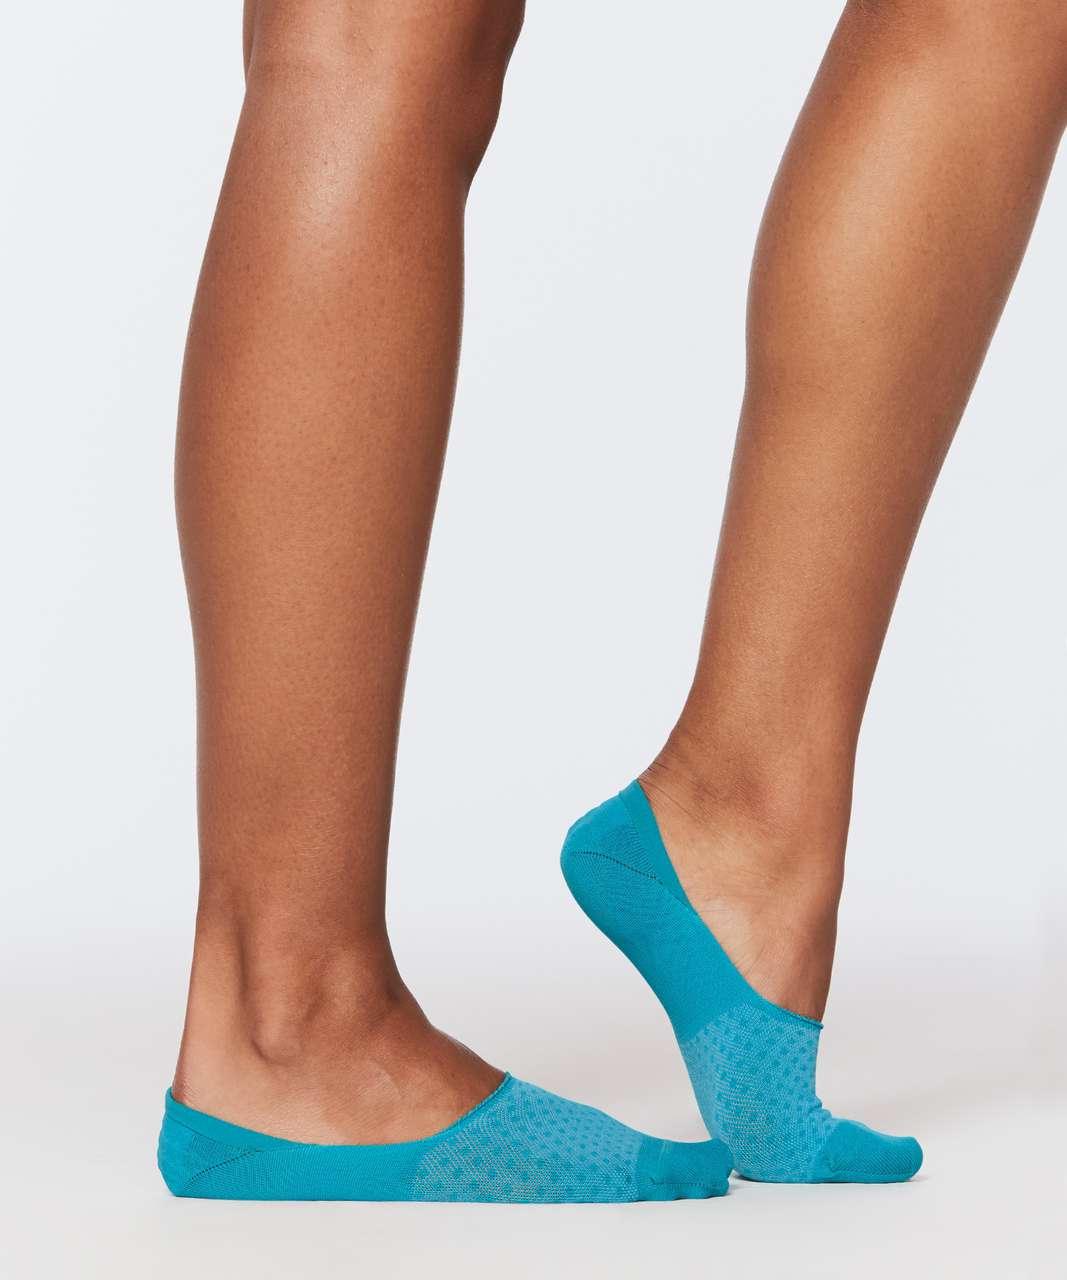 Lululemon Secret Sock - Bleacher Blue / White